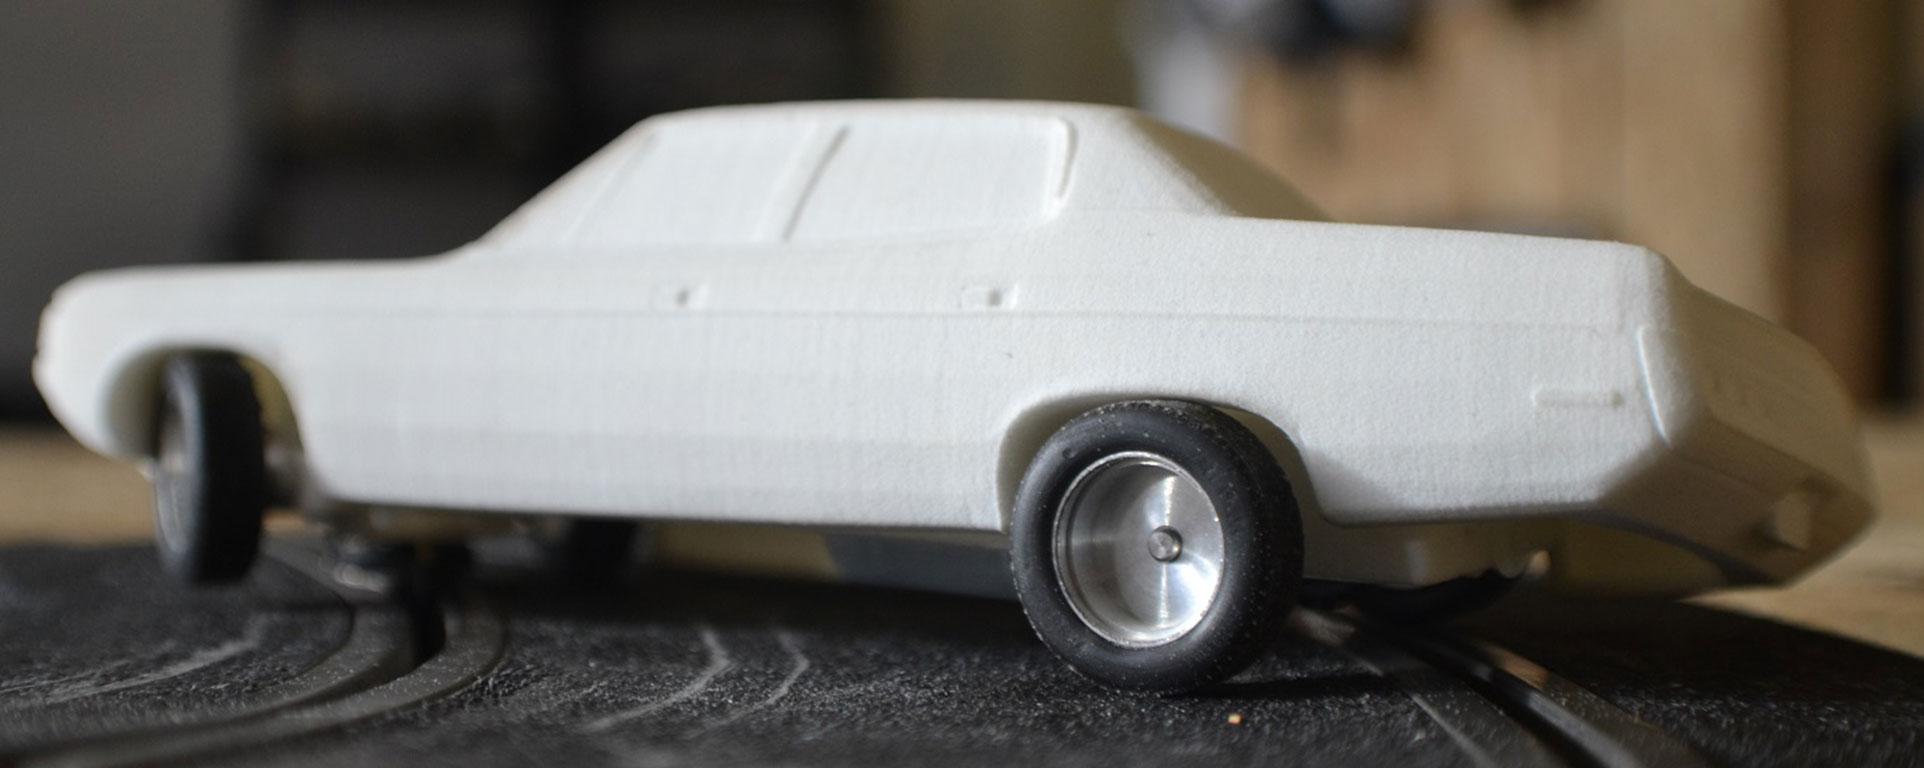 3d-printed-scalextric-car | 3DPRINTUK